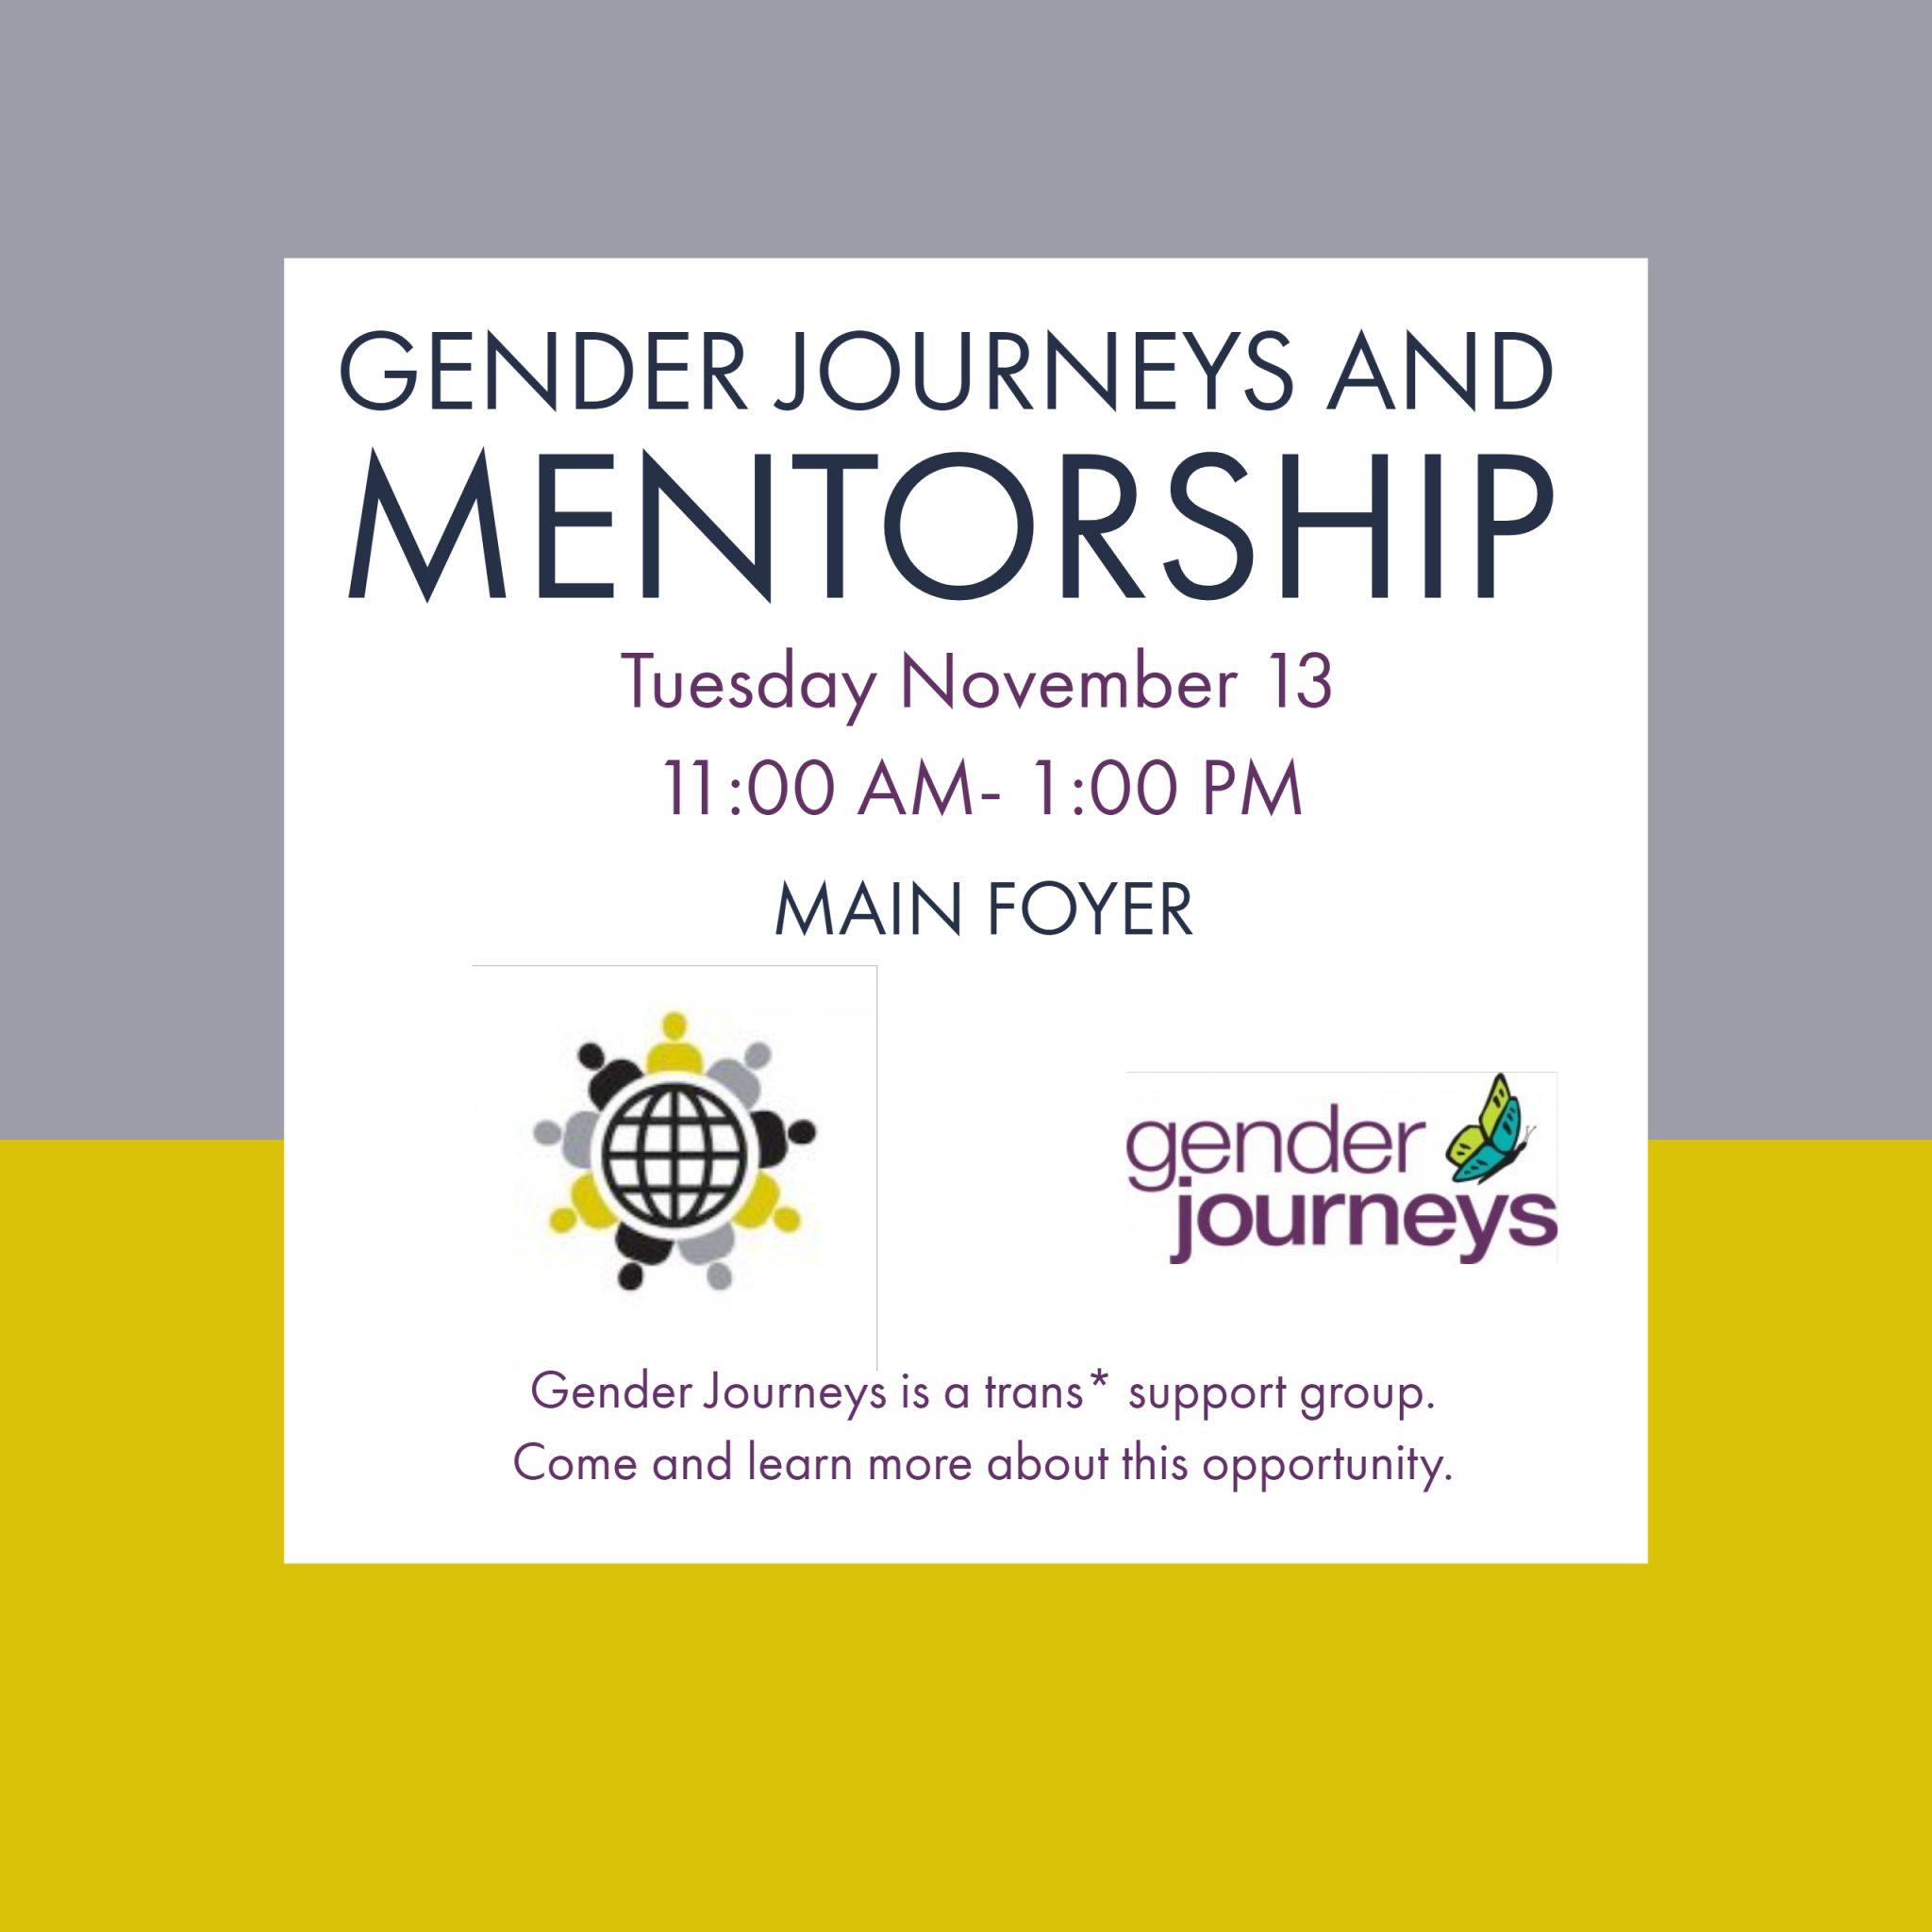 Gender Journeys and Mentoring